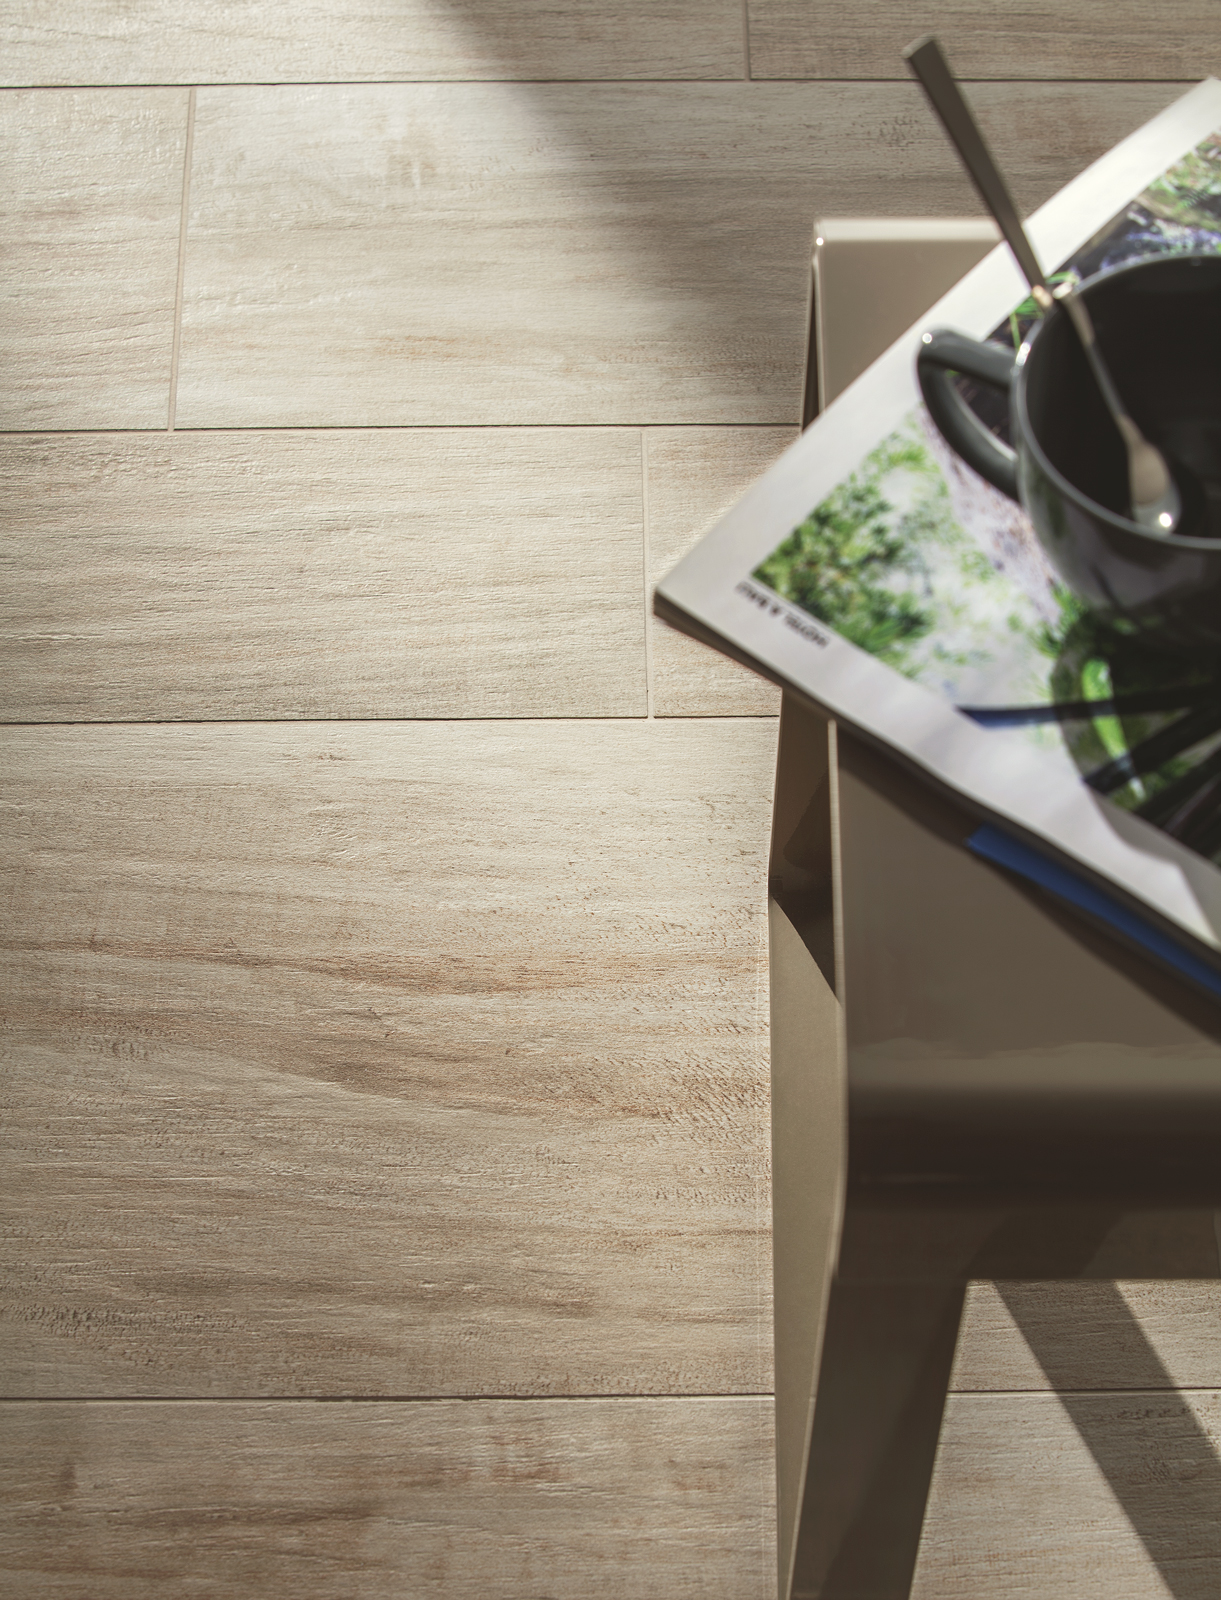 ... on collezione woodstyle piastrelle di ceramica effetto legno woodstyle